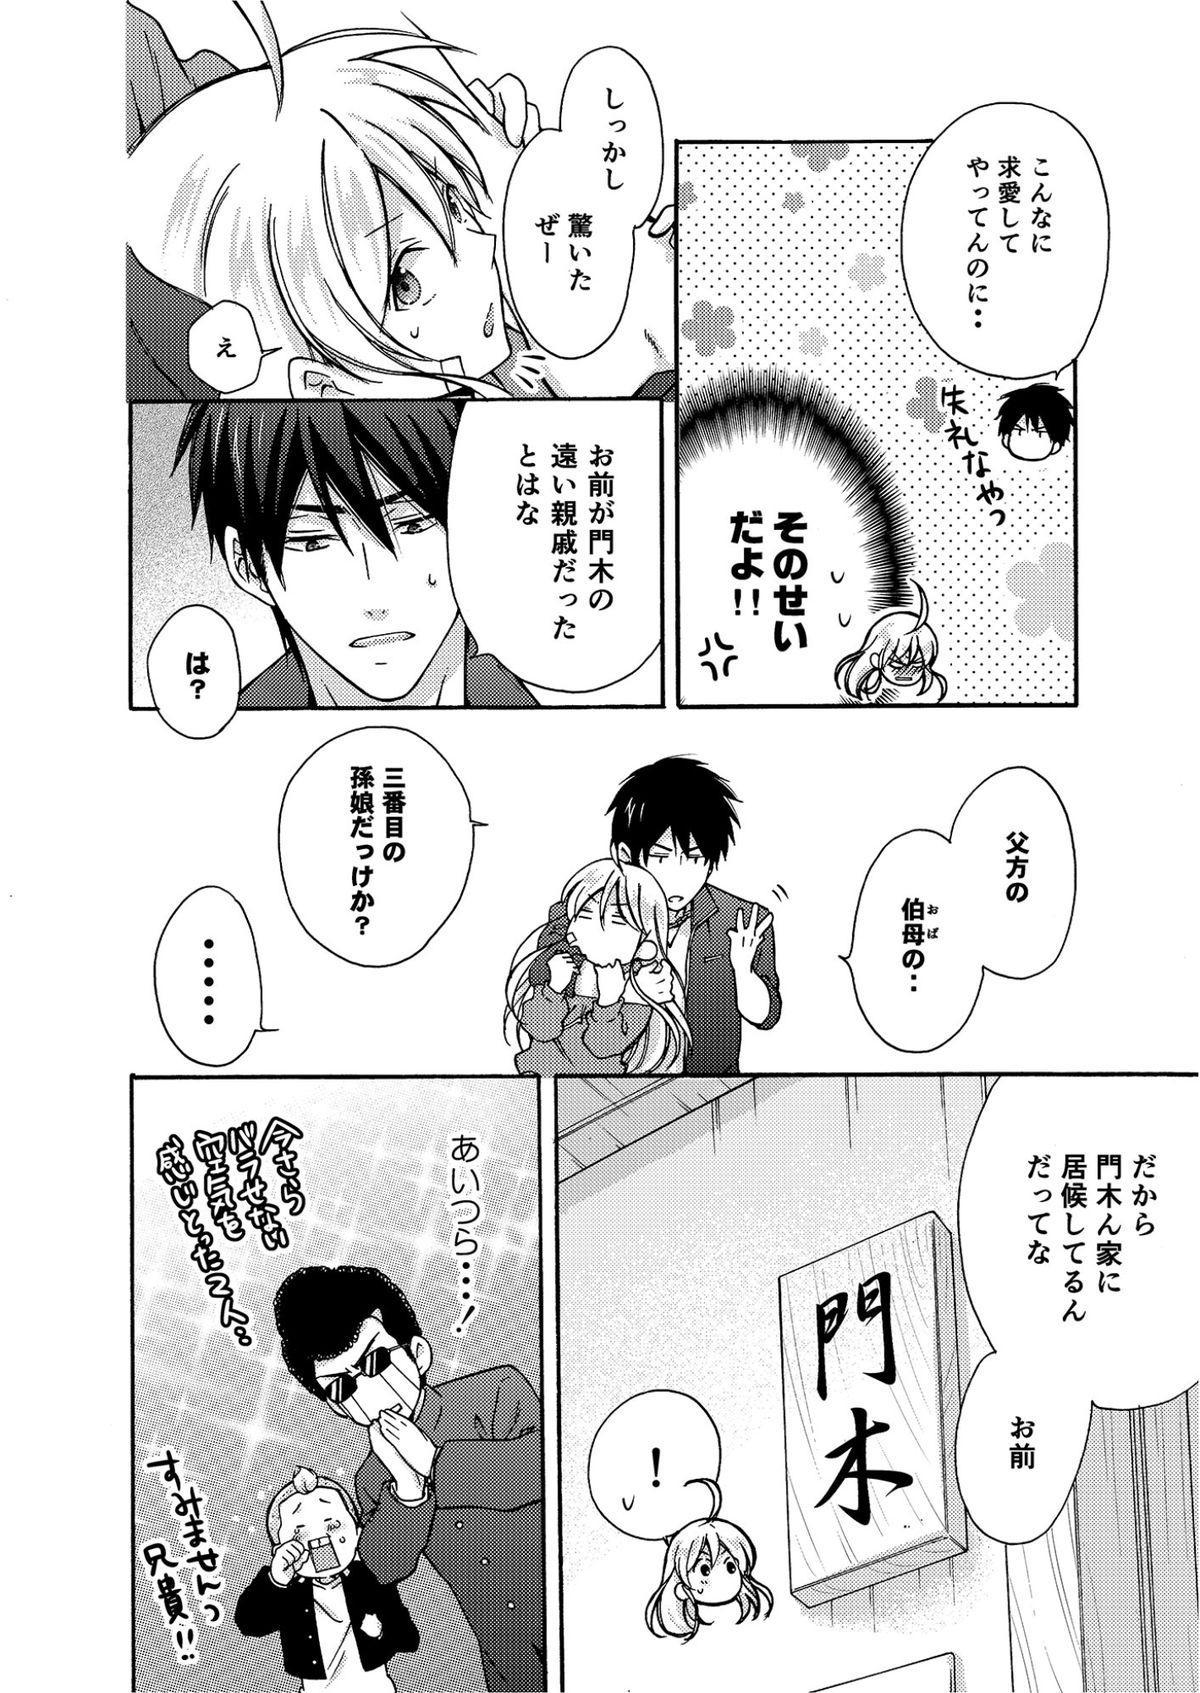 Nyotaika Yankee Gakuen ☆ Ore no Hajimete, Nerawaretemasu. 4 8